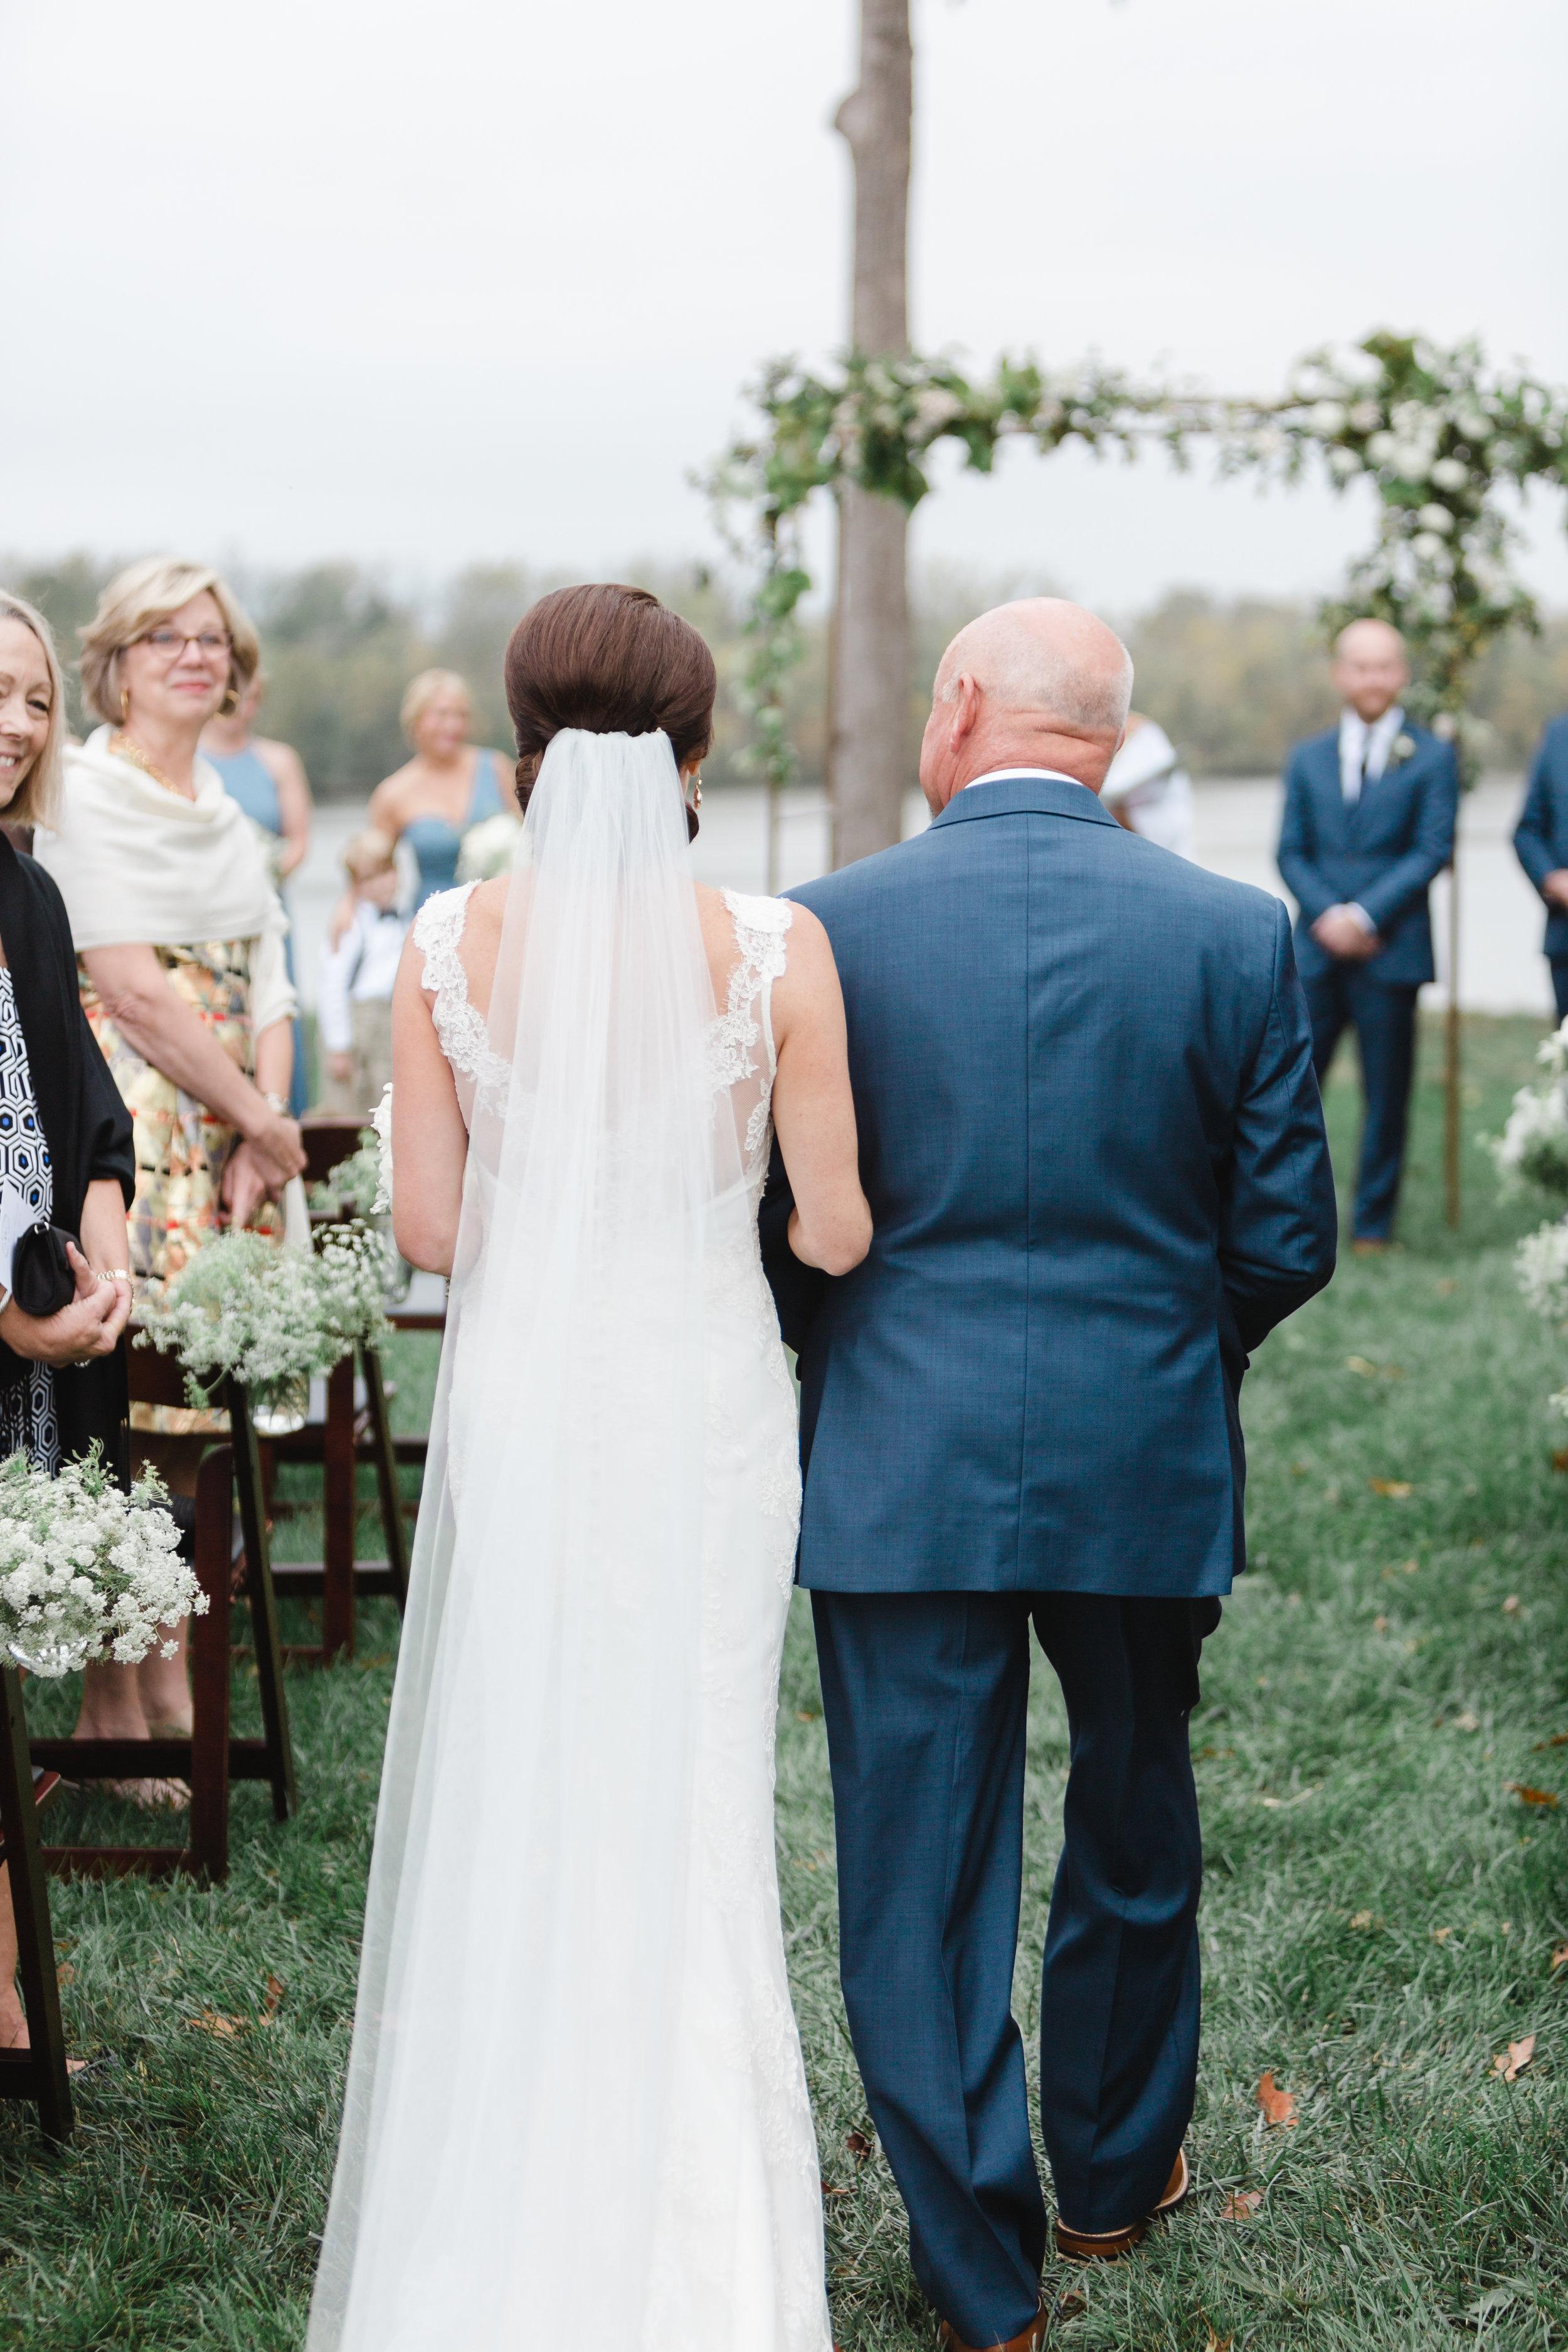 10_14_17_Wedding_275.jpg